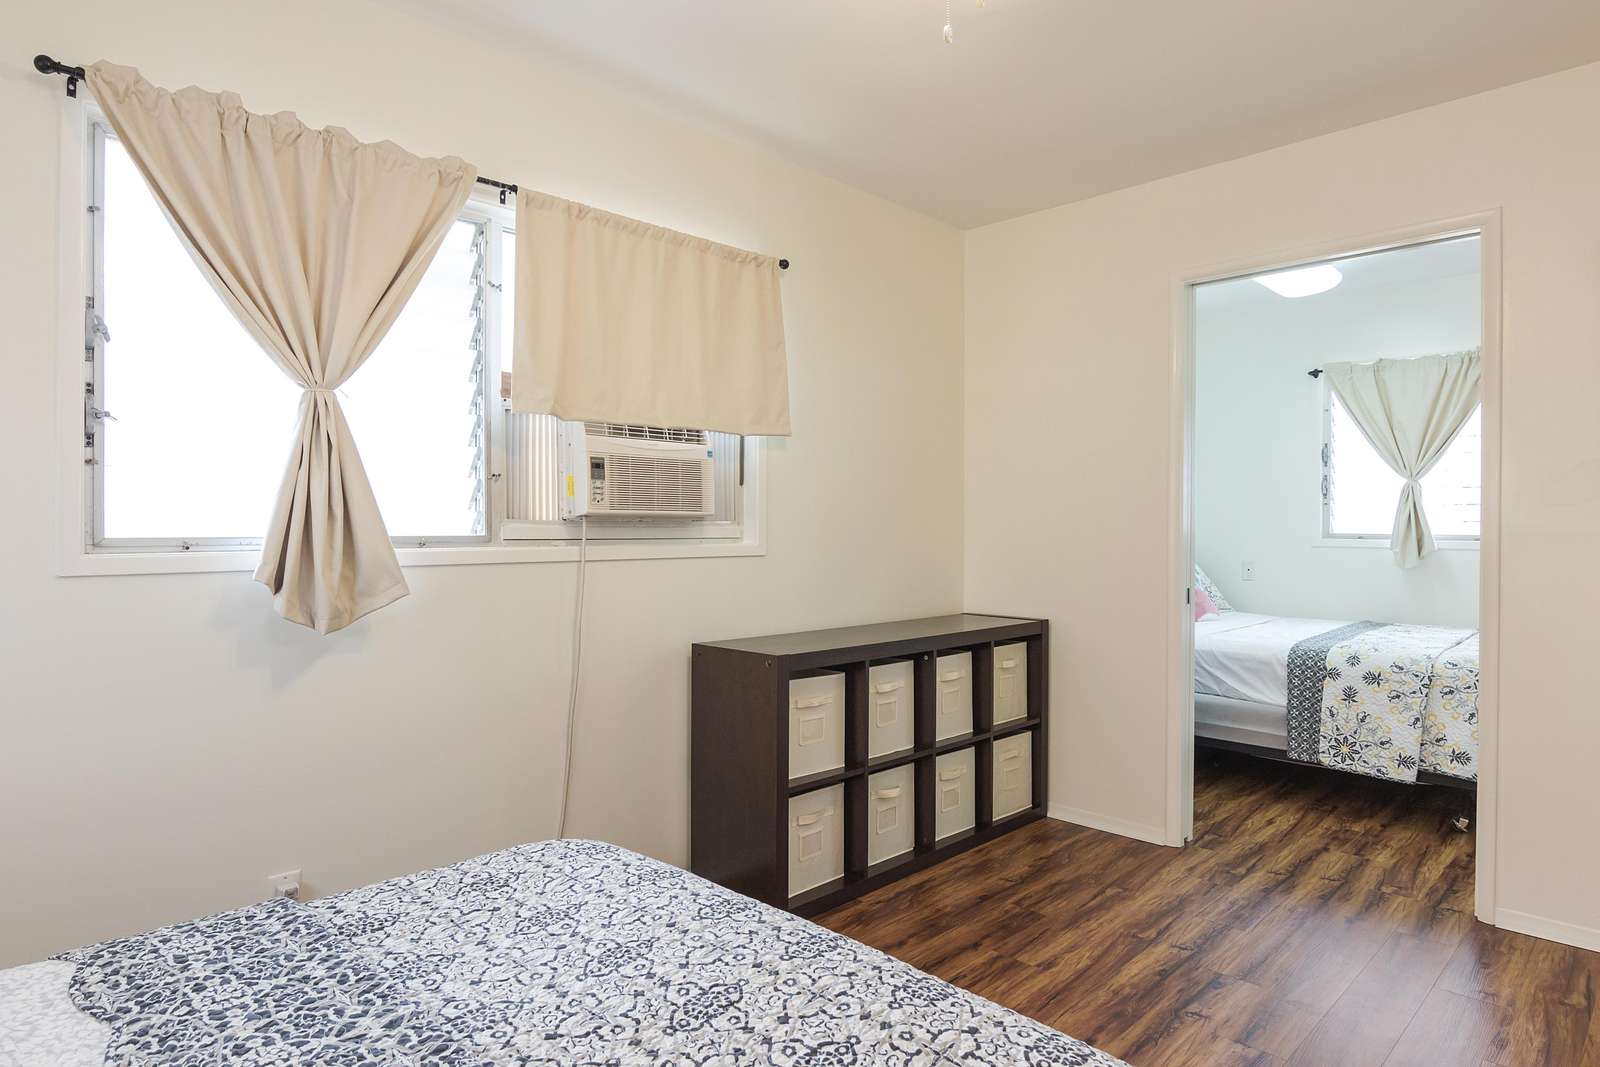 Master Bedroom A with lockable pocket door to separate Bedroom B